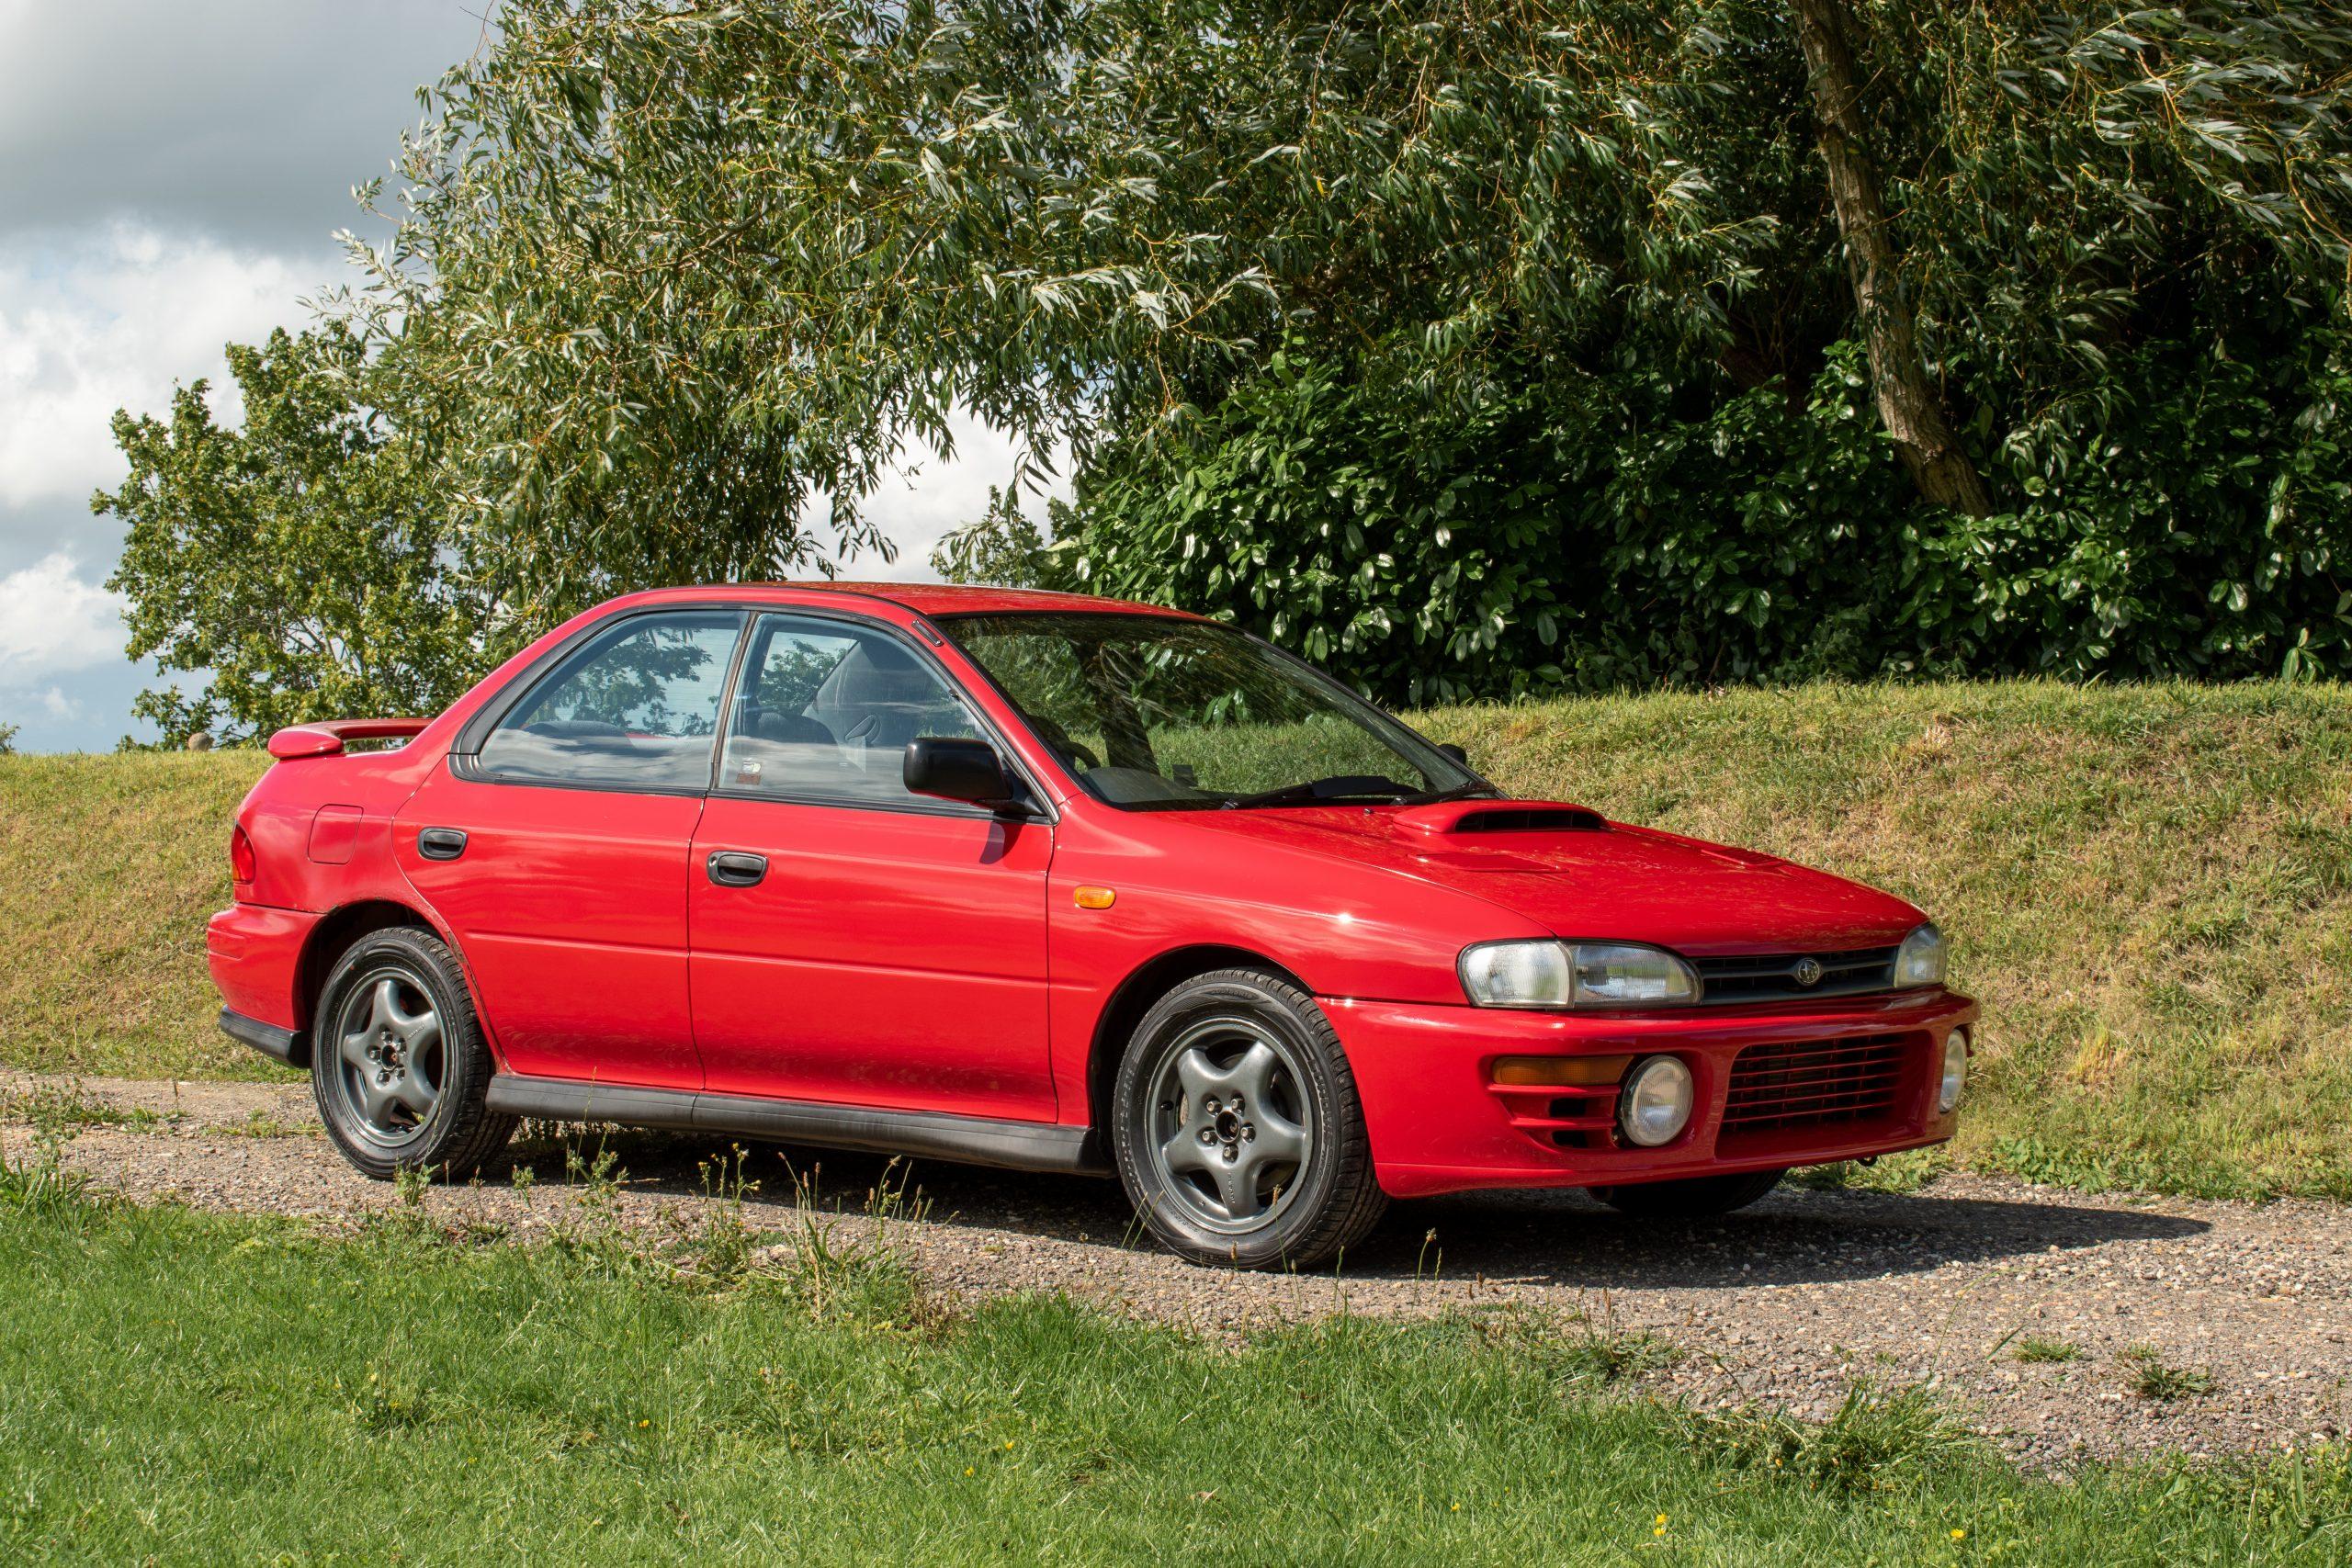 Ex-McRae Family,1996 Subaru Impreza UK2000